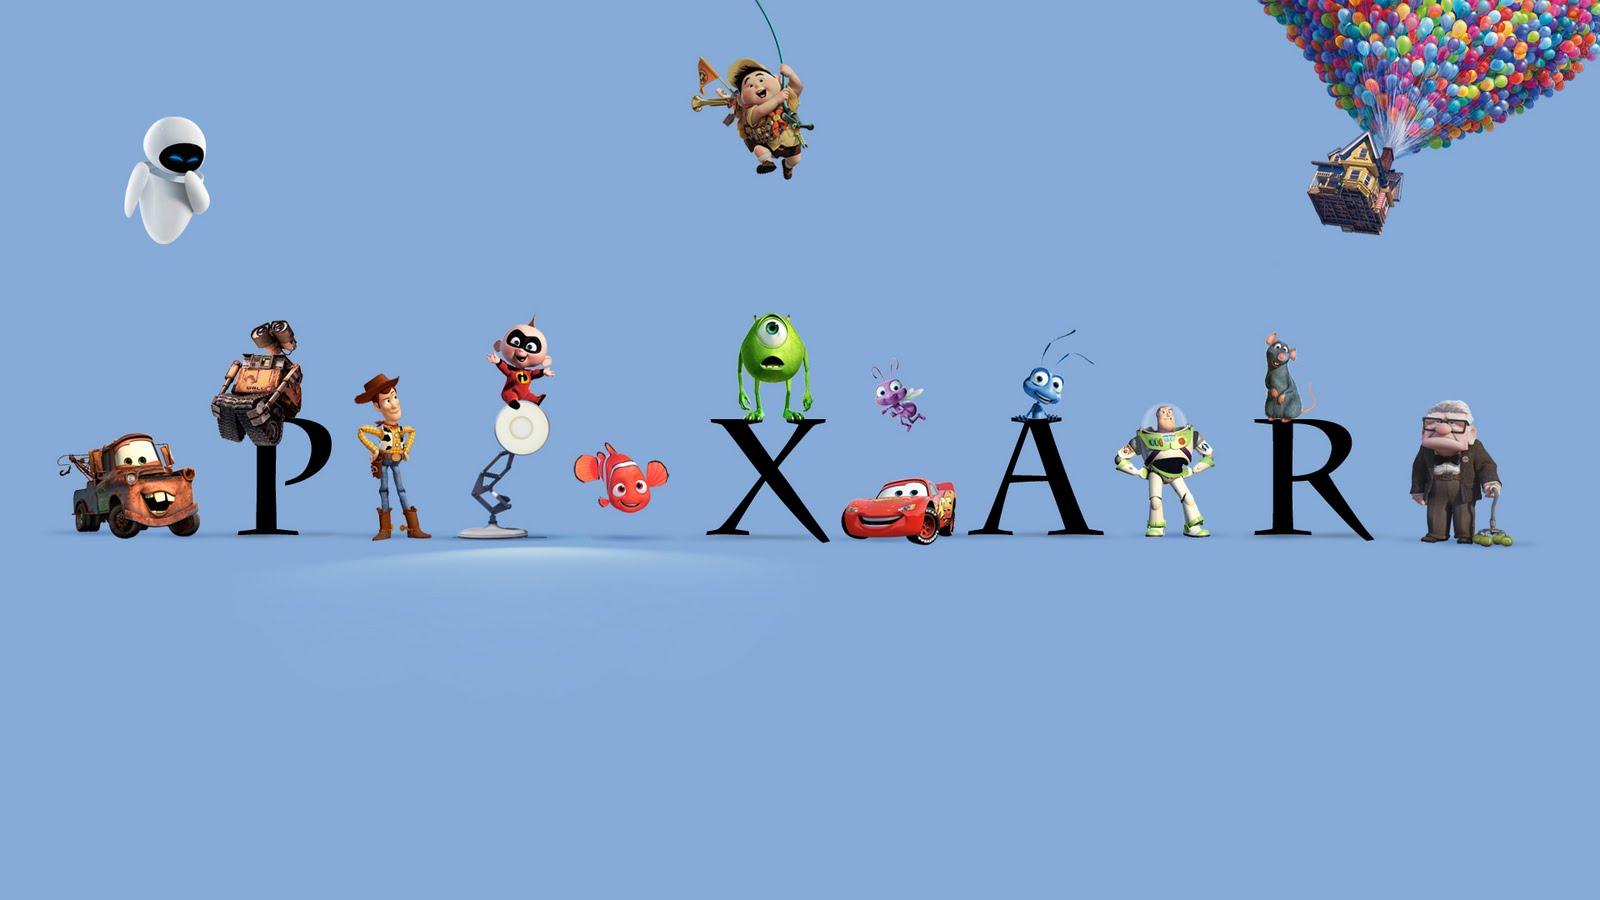 Pixar Various